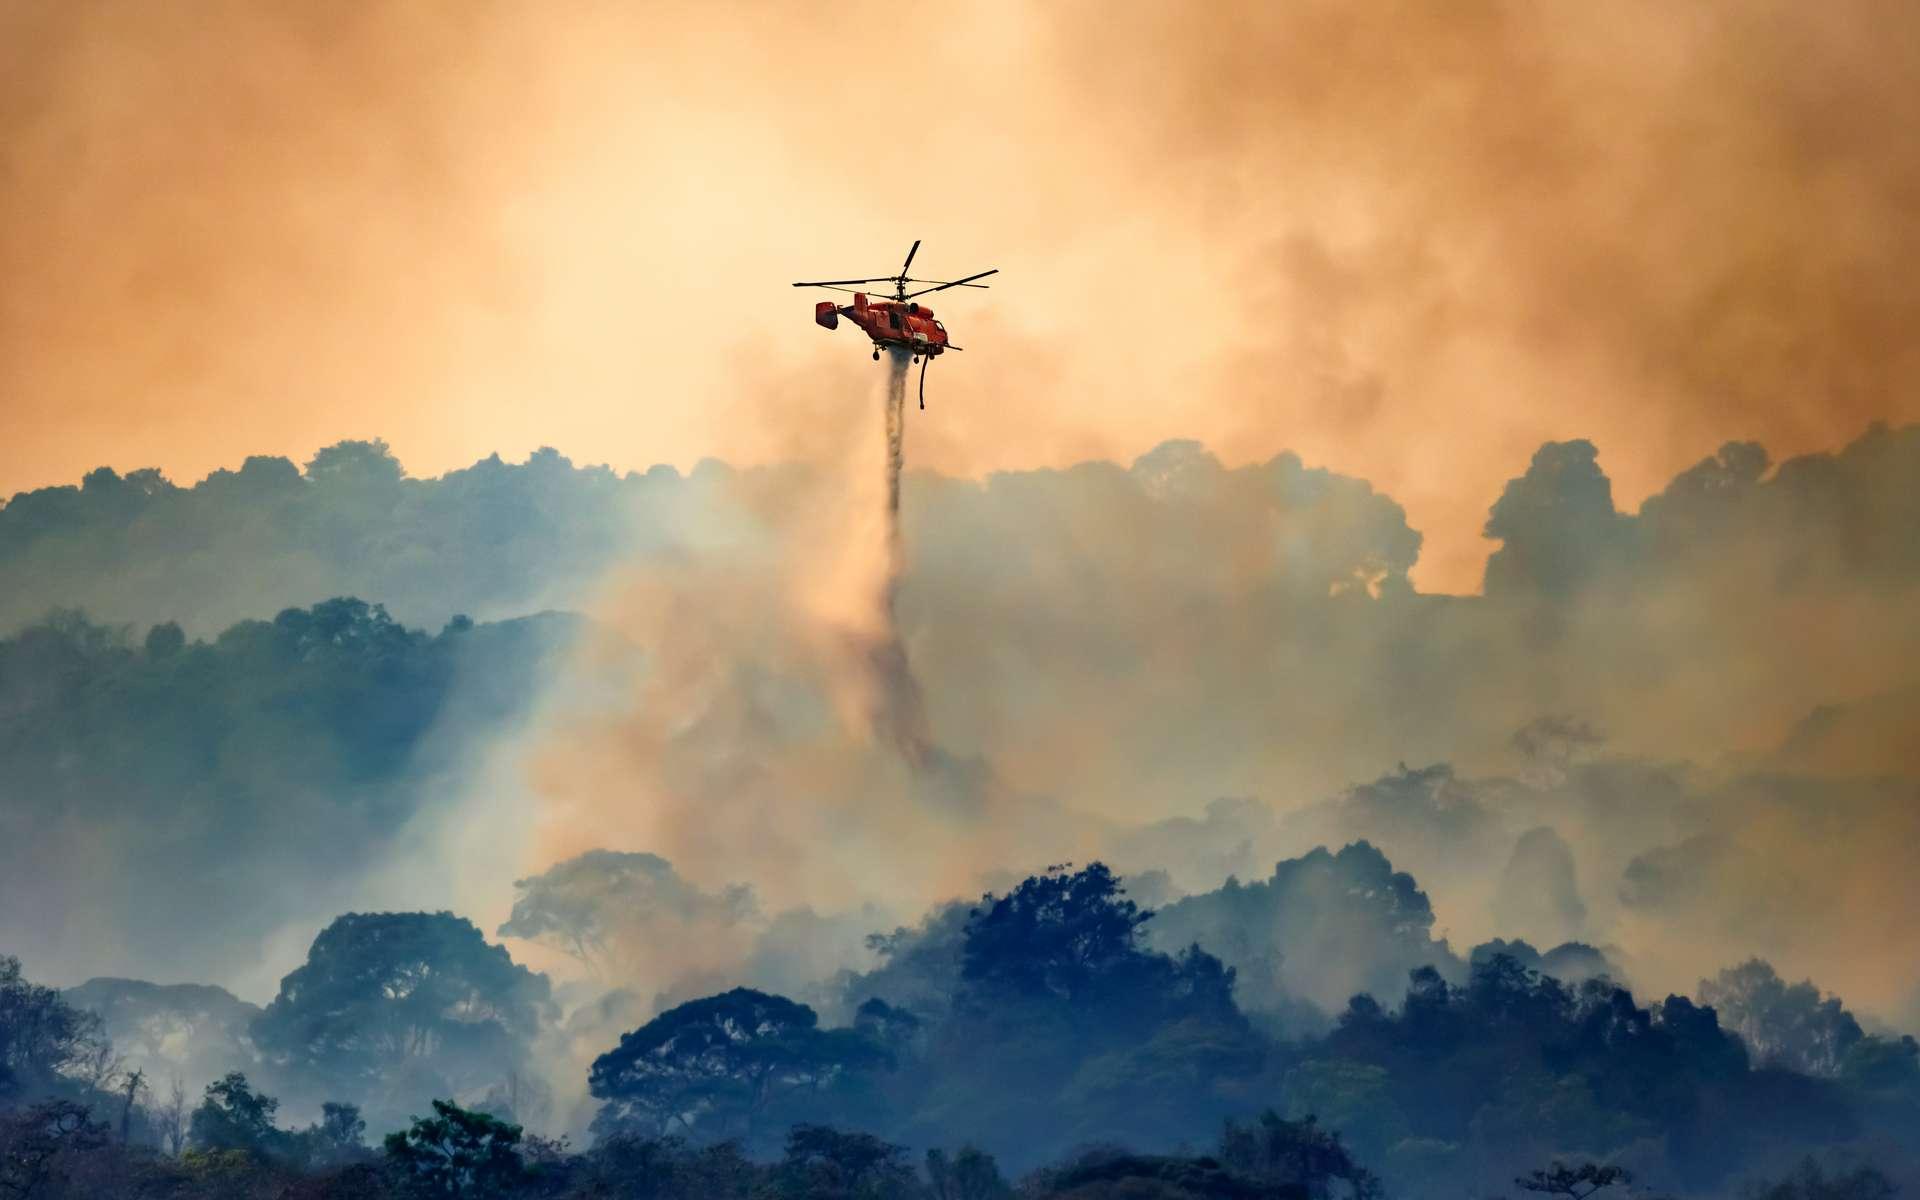 Le feu de forêt du Var est combattu sur tous les fronts, notamment du ciel, où les avions et les hélicoptères bombardent de l'eau dans un ballet continu. © toa555, Adobe Stock